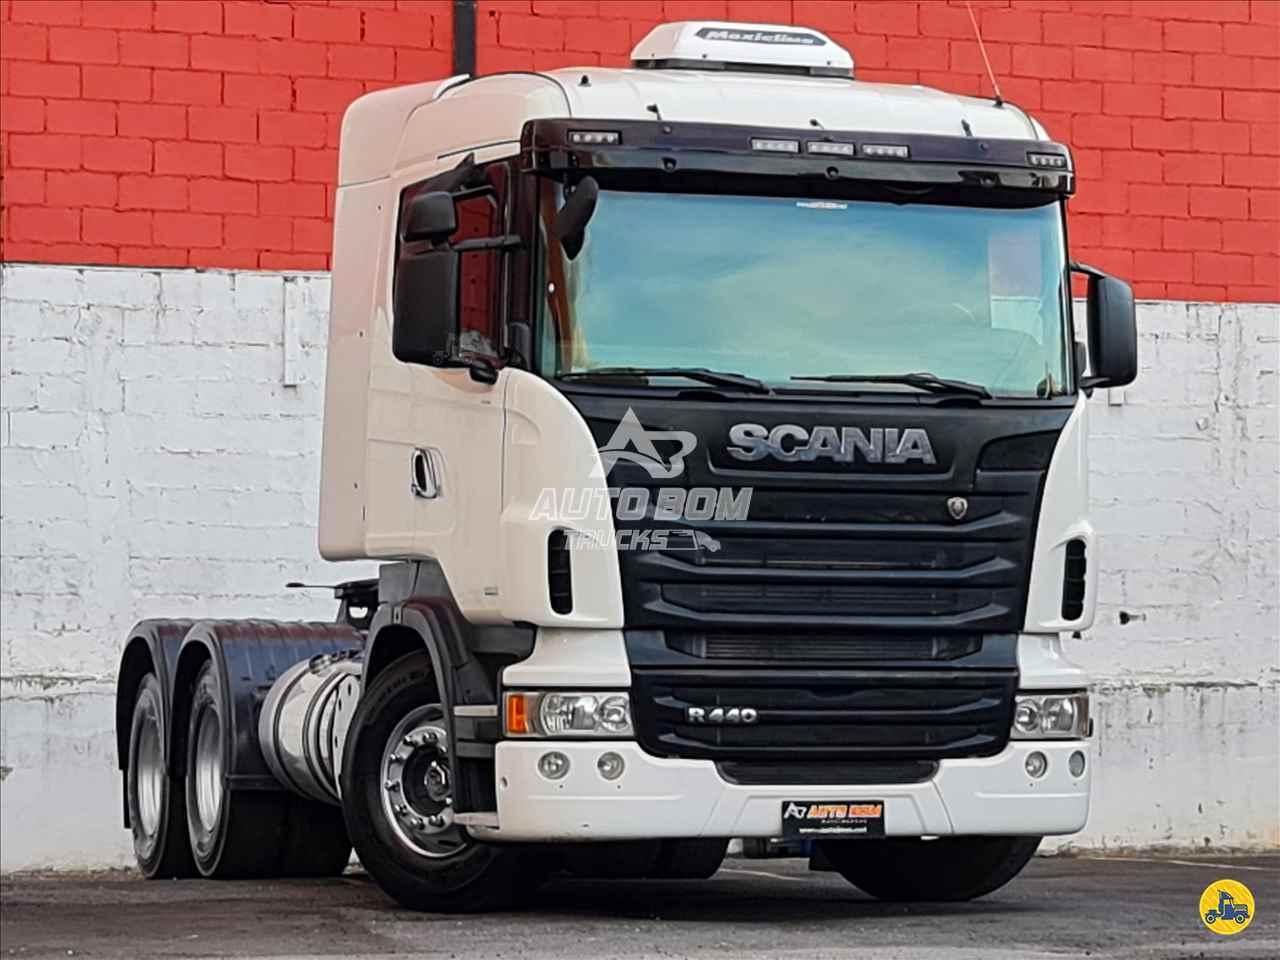 CAMINHAO SCANIA SCANIA 440 Cavalo Mecânico Traçado 6x4 Autobom Trucks CONTAGEM MINAS GERAIS MG